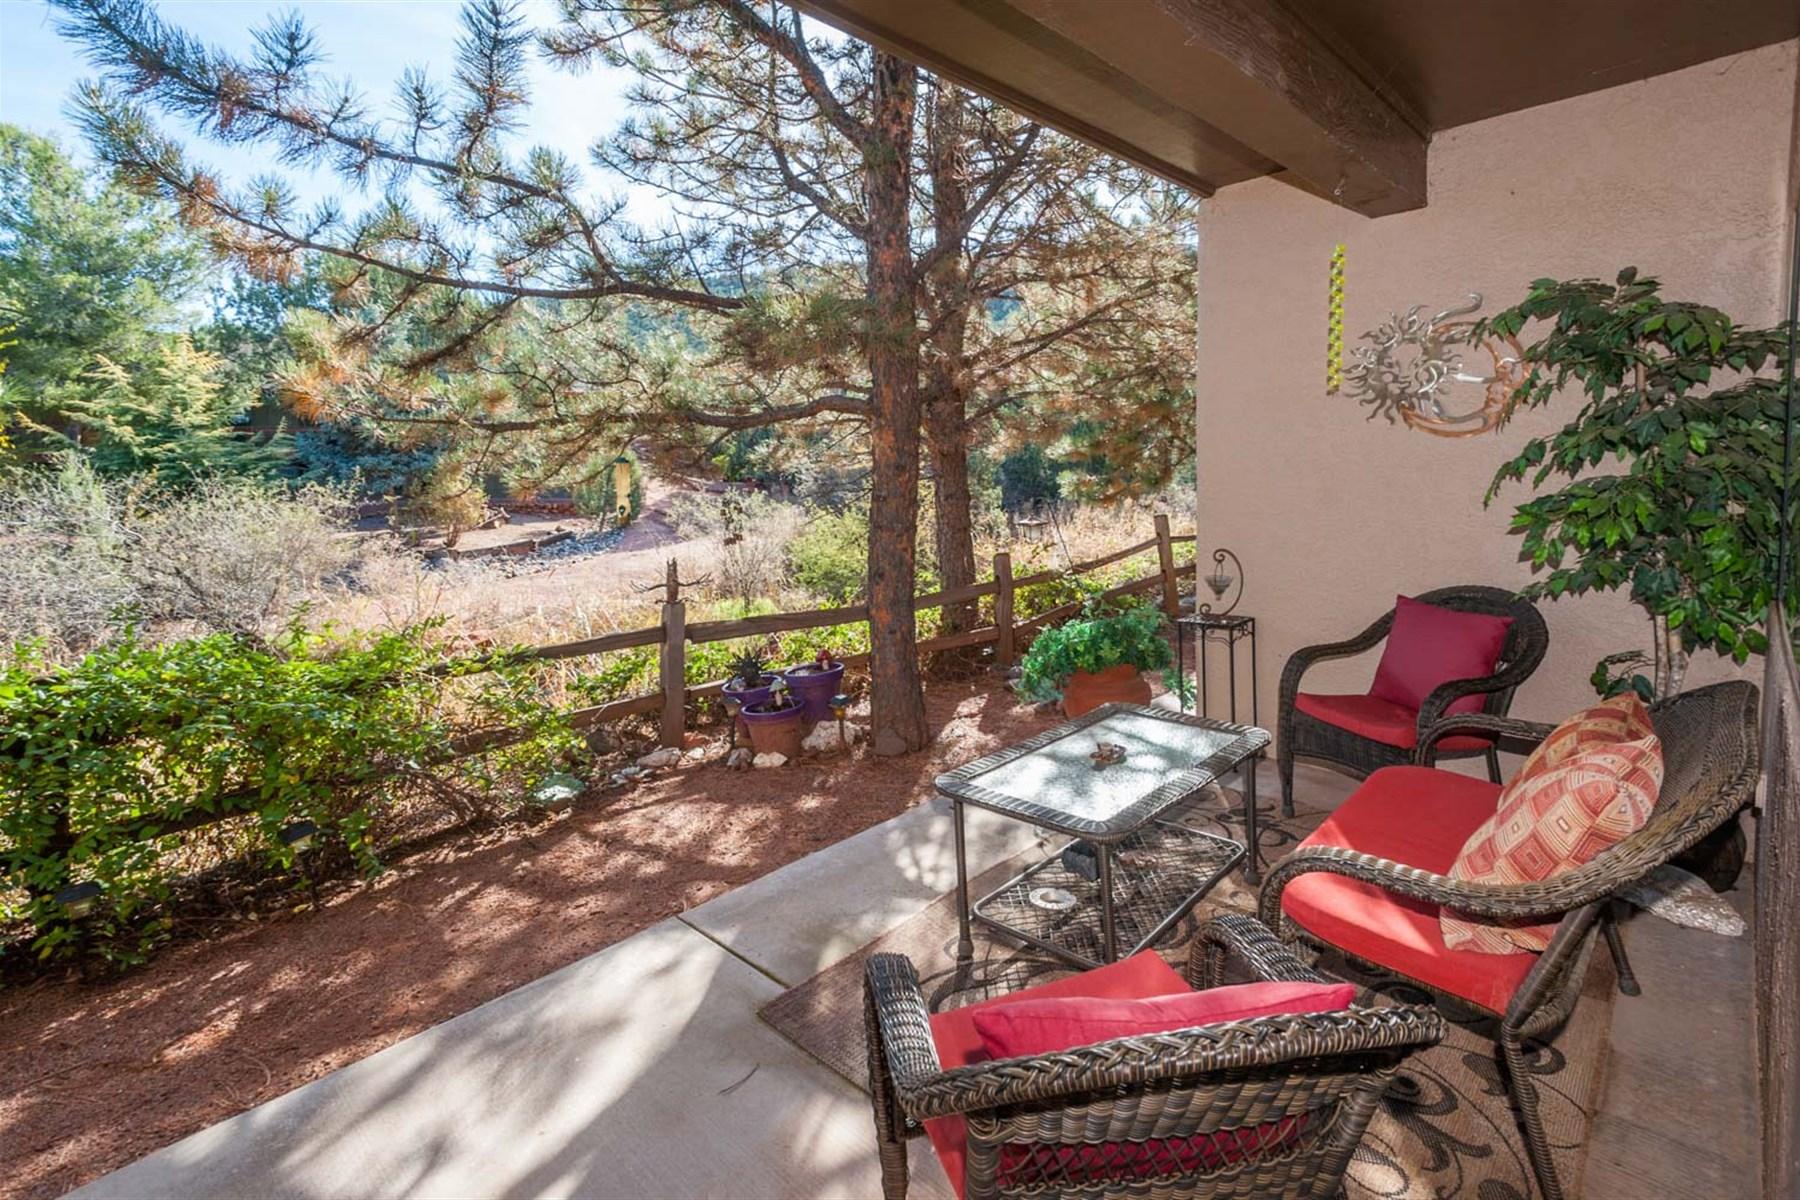 Eigentumswohnung für Verkauf beim Sought-after and easy maintenance Morning Sun Condominium Community 48 Tanager Lane Sedona, Arizona 86336 Vereinigte Staaten